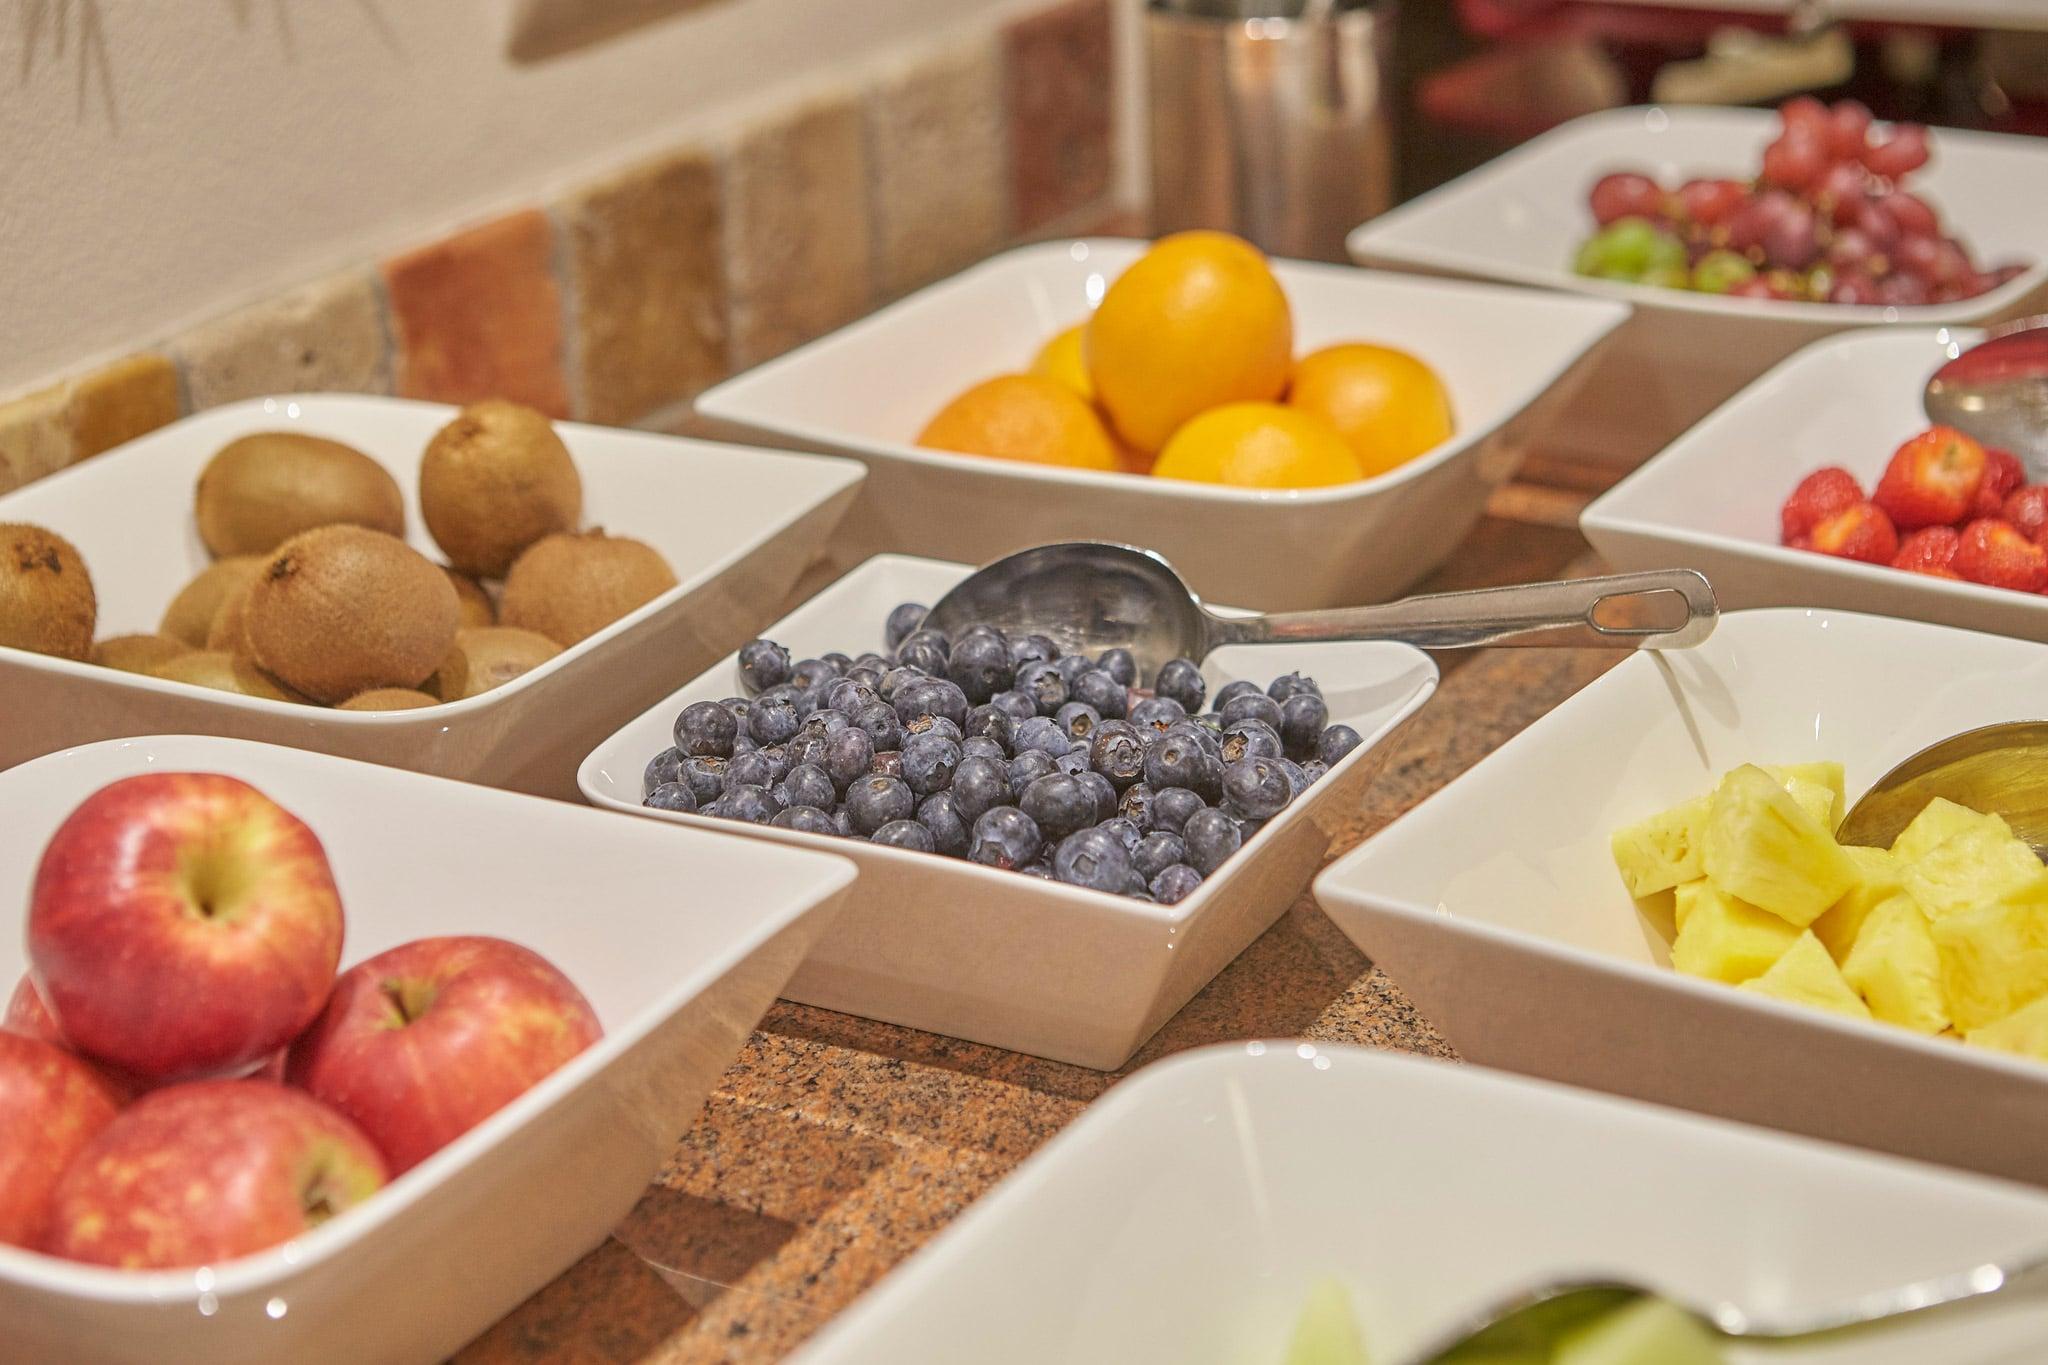 Äpfel, Kiwi, Orangen, Blaubären und weitere Früchte in weißen Schüsseln